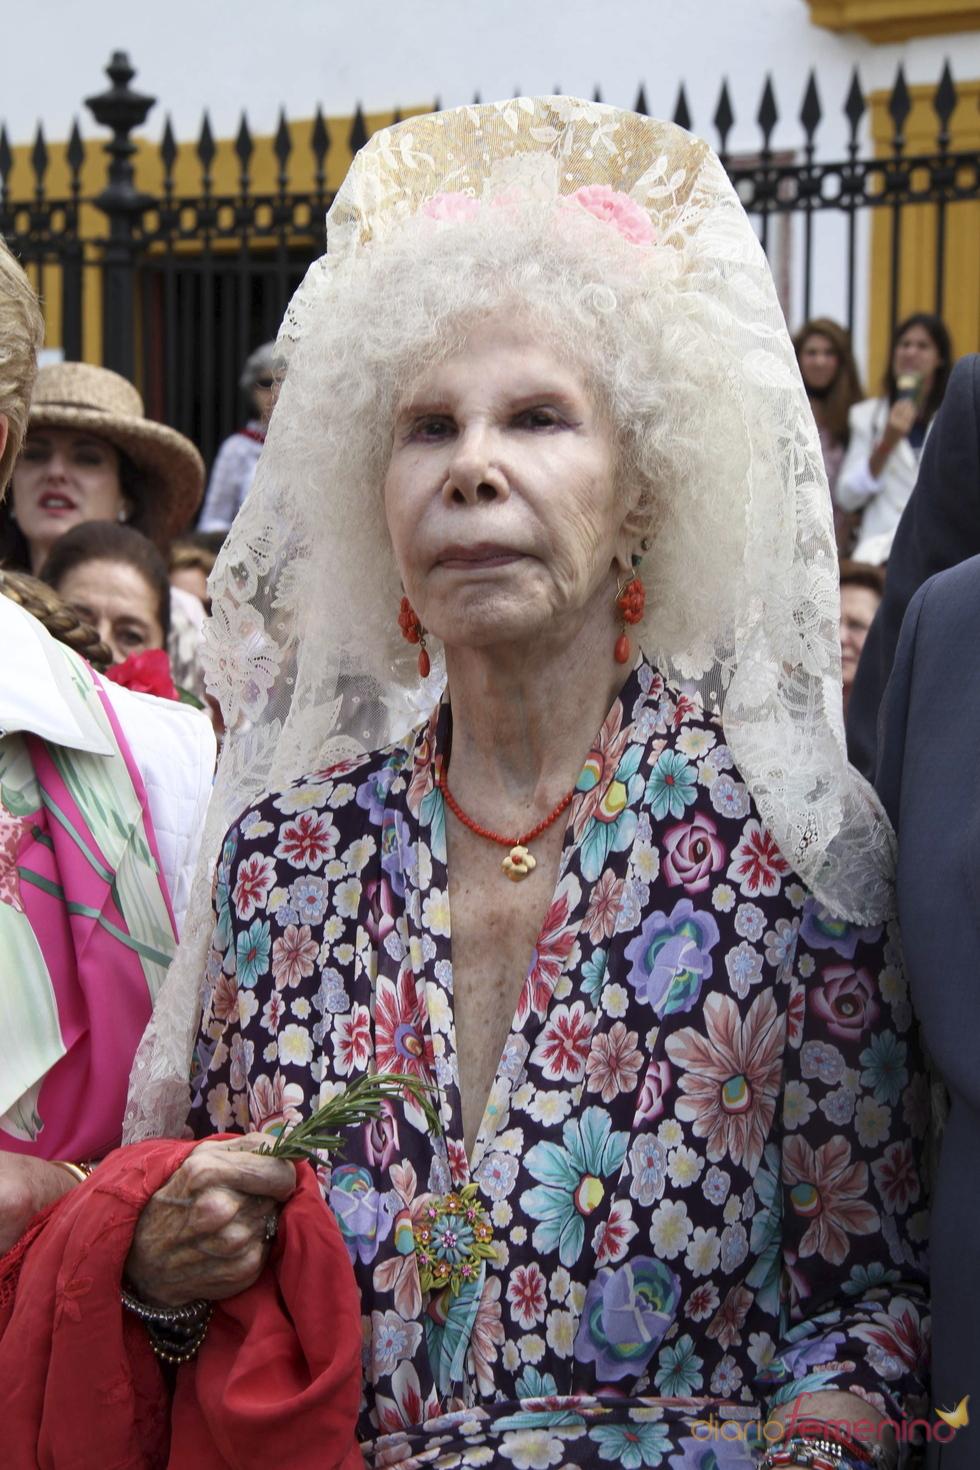 La Duquesa de Alba en la Feria de Abril 2011